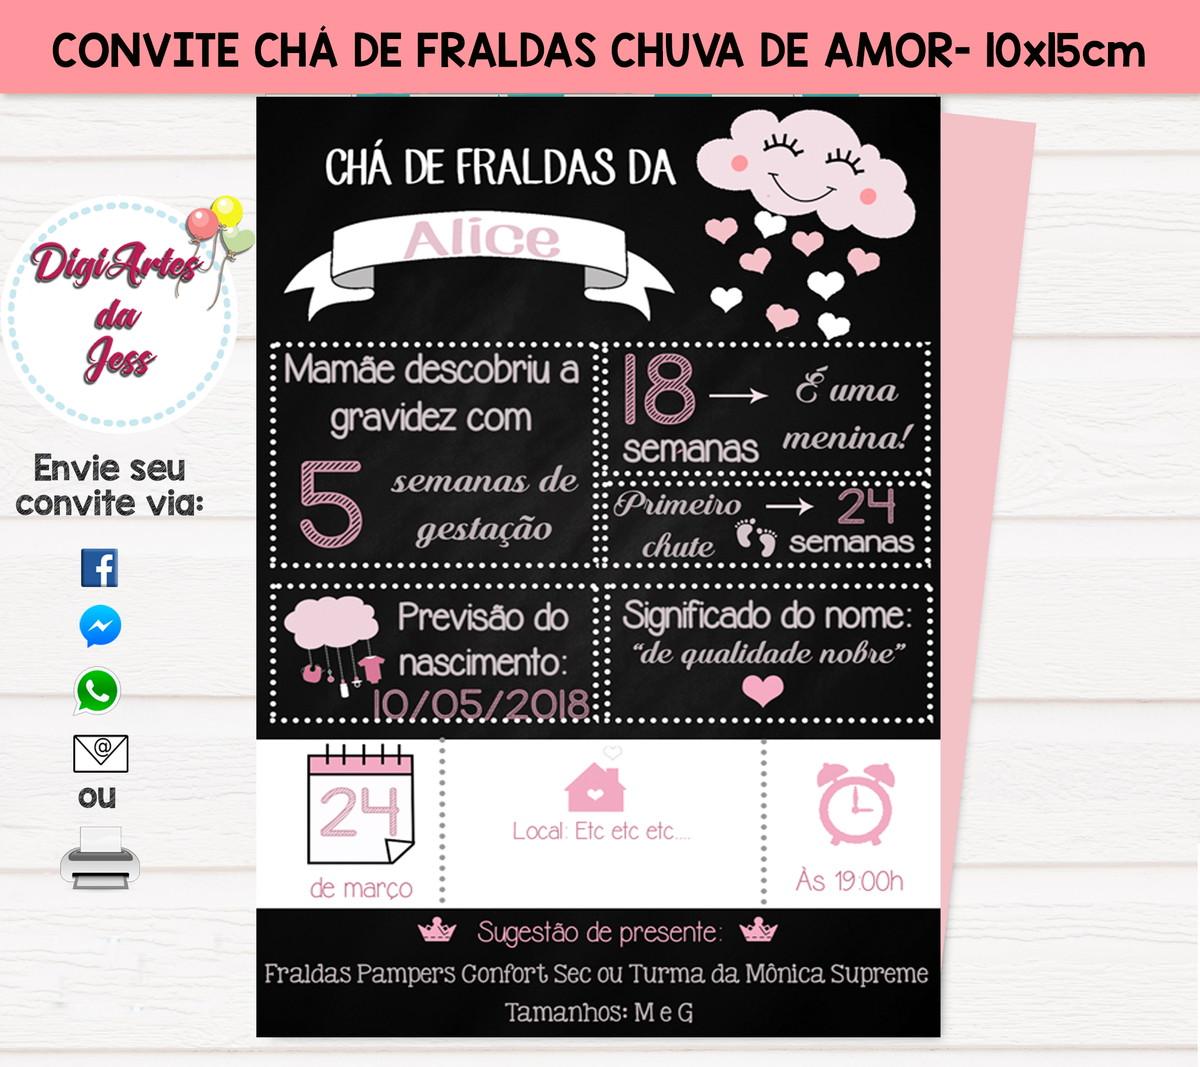 Convite Chuva De Amor Benção Chá De Fralda Digital No Elo7